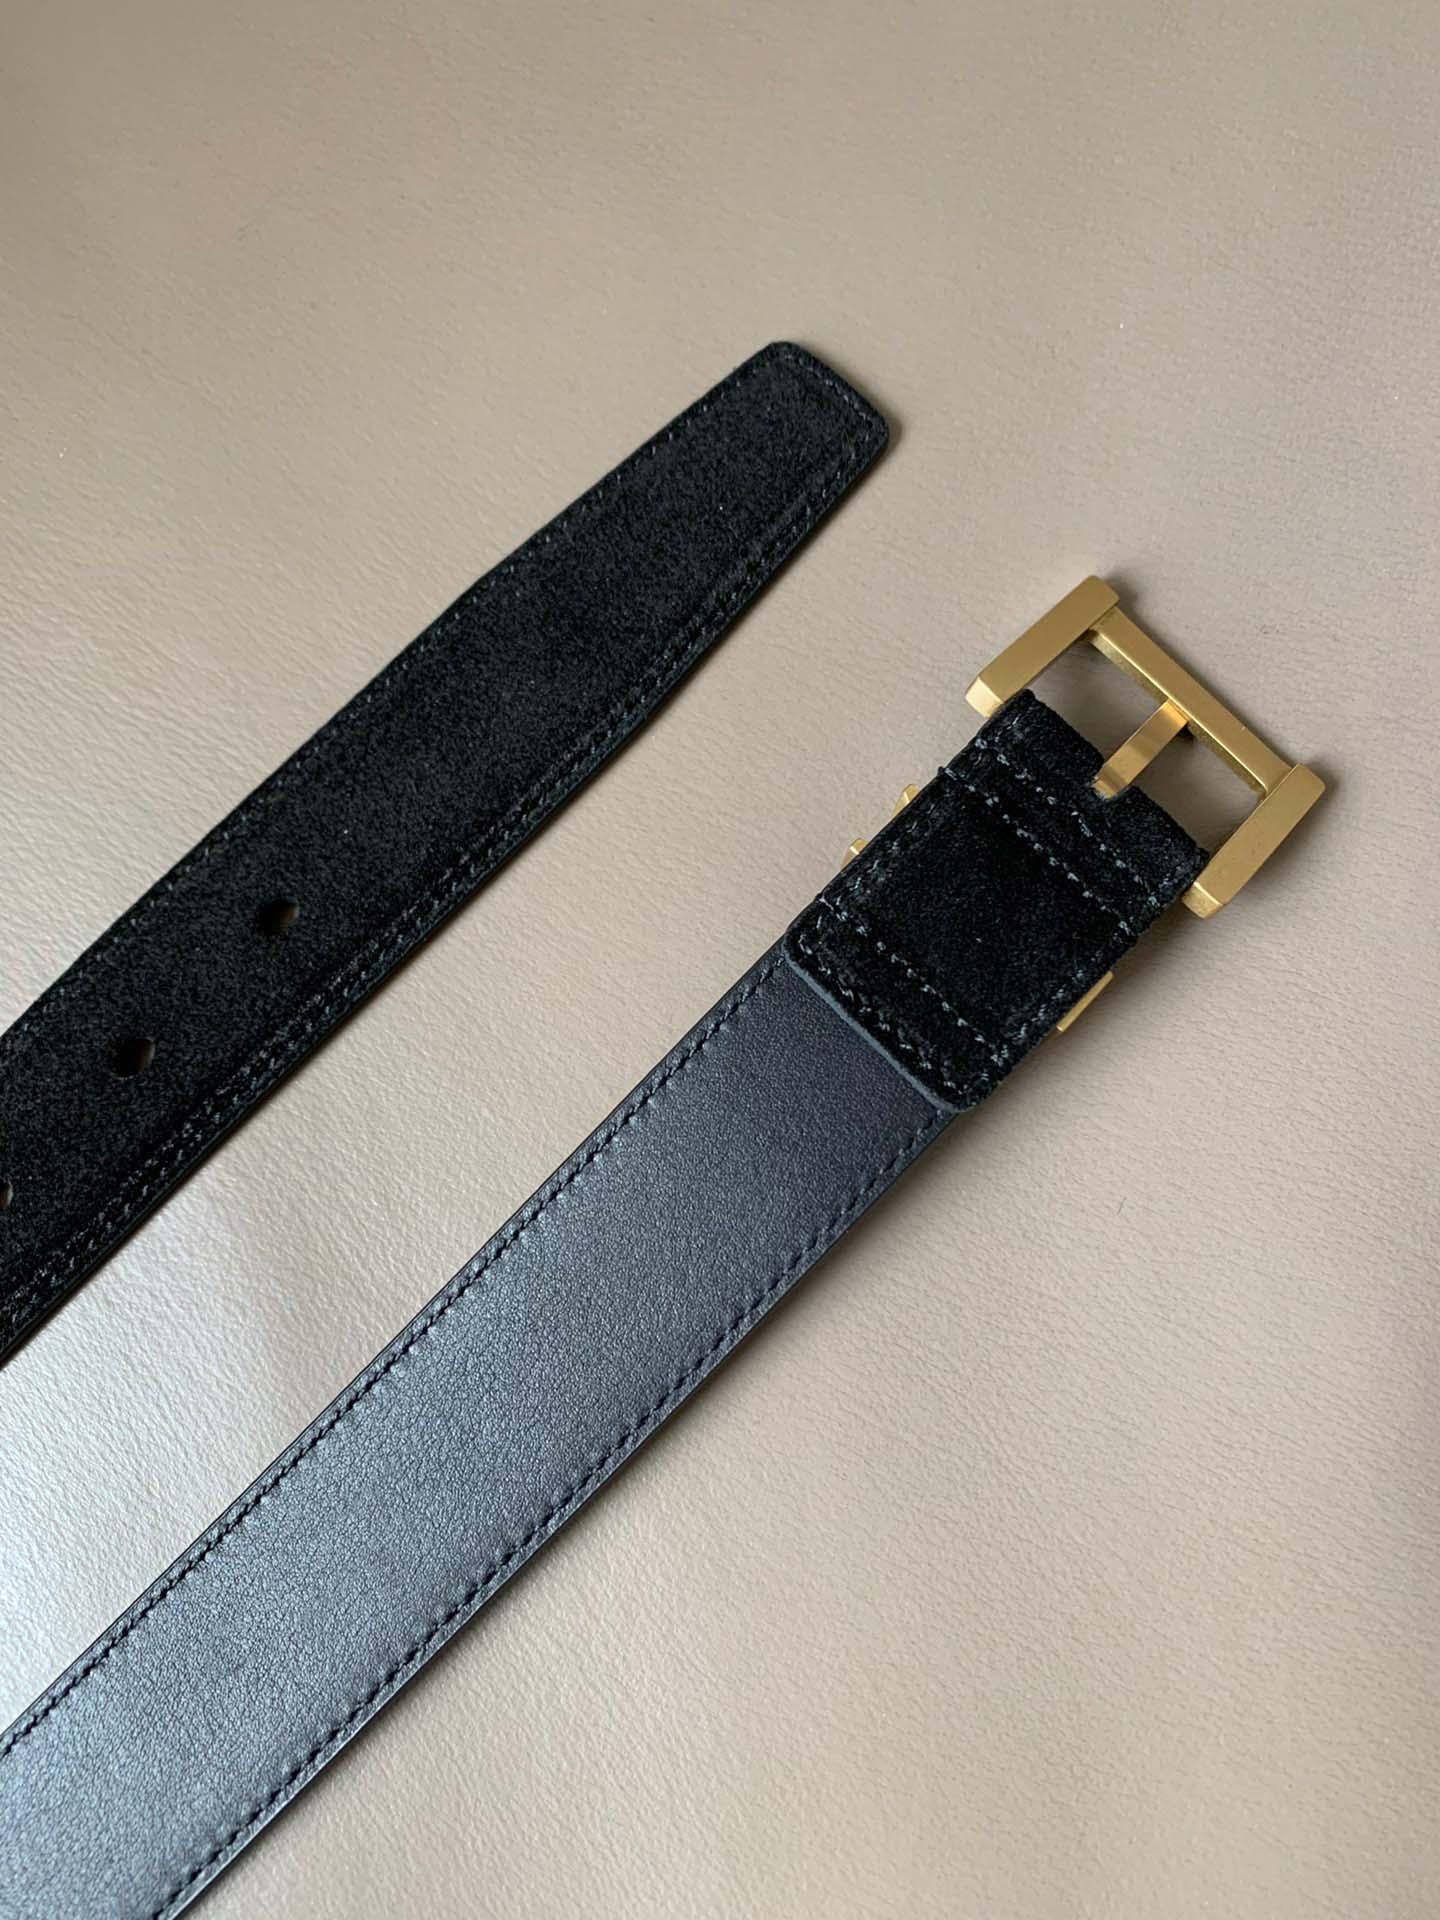 Классическое лучшее качество черная натуральная кожа с бенкой Пряжка Женщин ремень с коробкой для мужчин дизайнеры ремни мужские ремни дизайнерские ремни 403